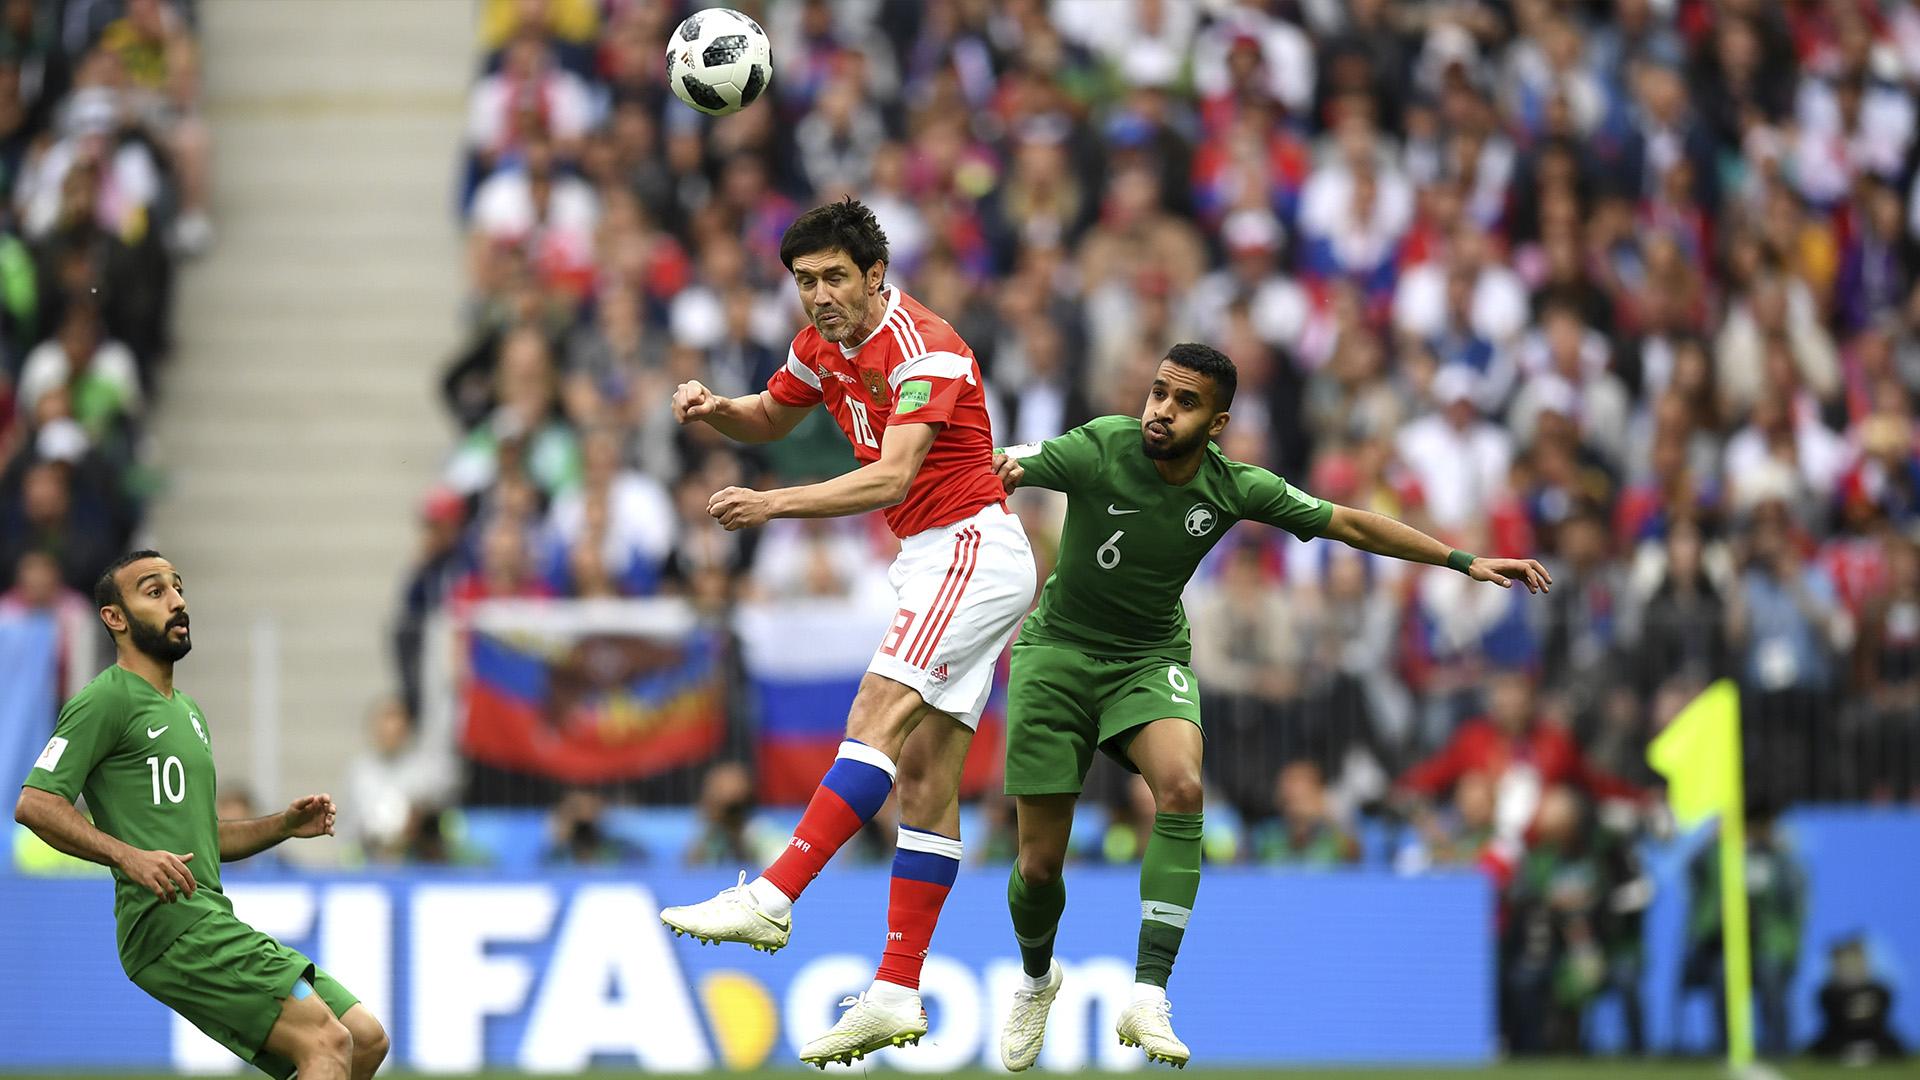 Rússia x Arábia Saudita copa 2018 14 06 18